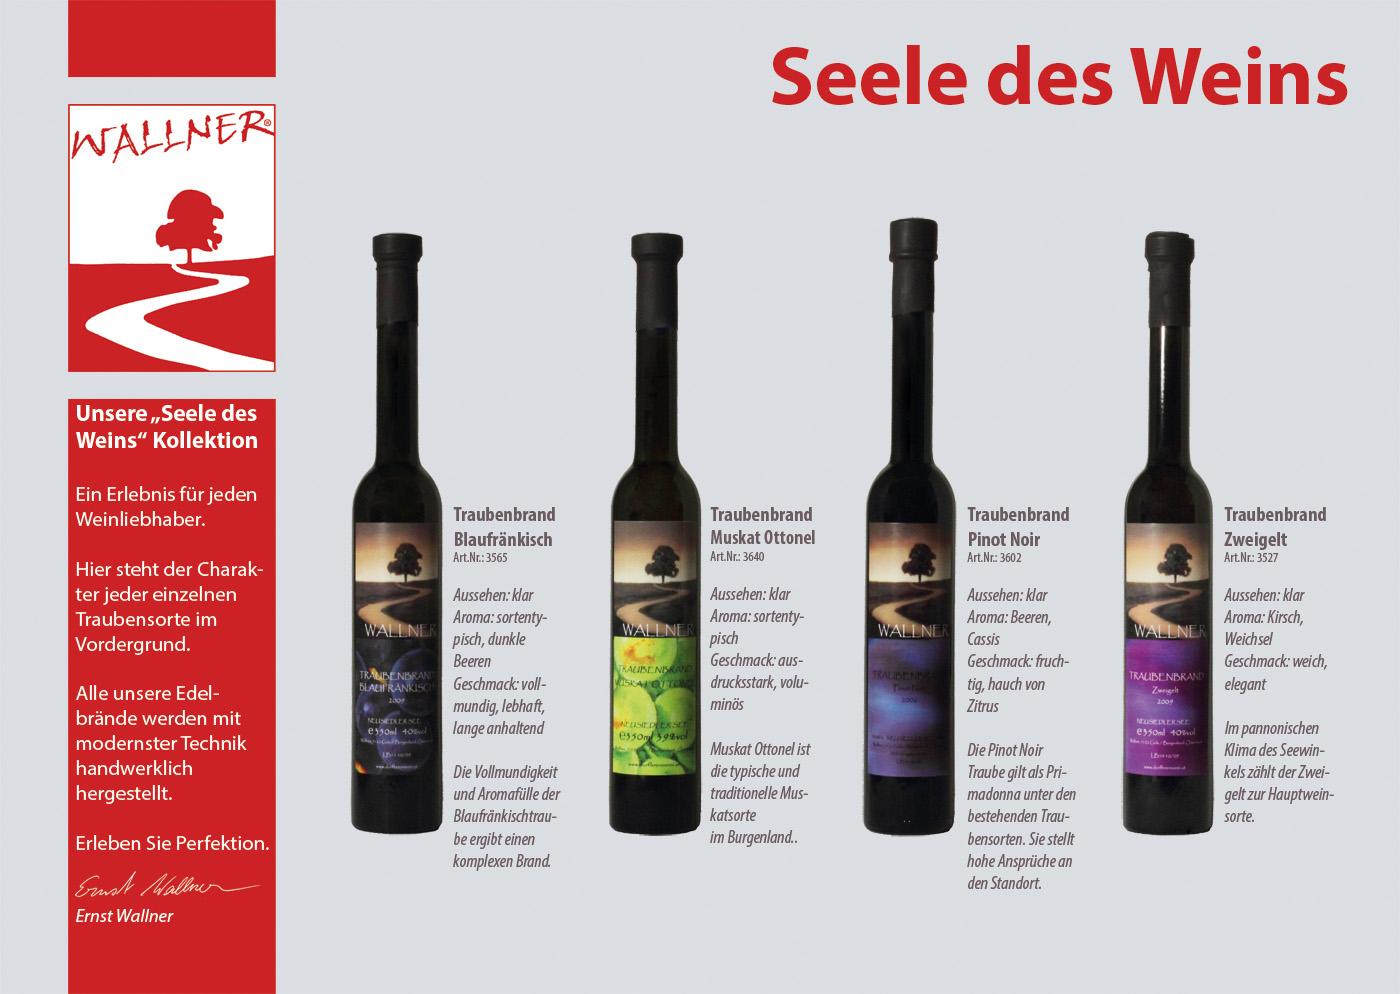 Seele_des_Weins